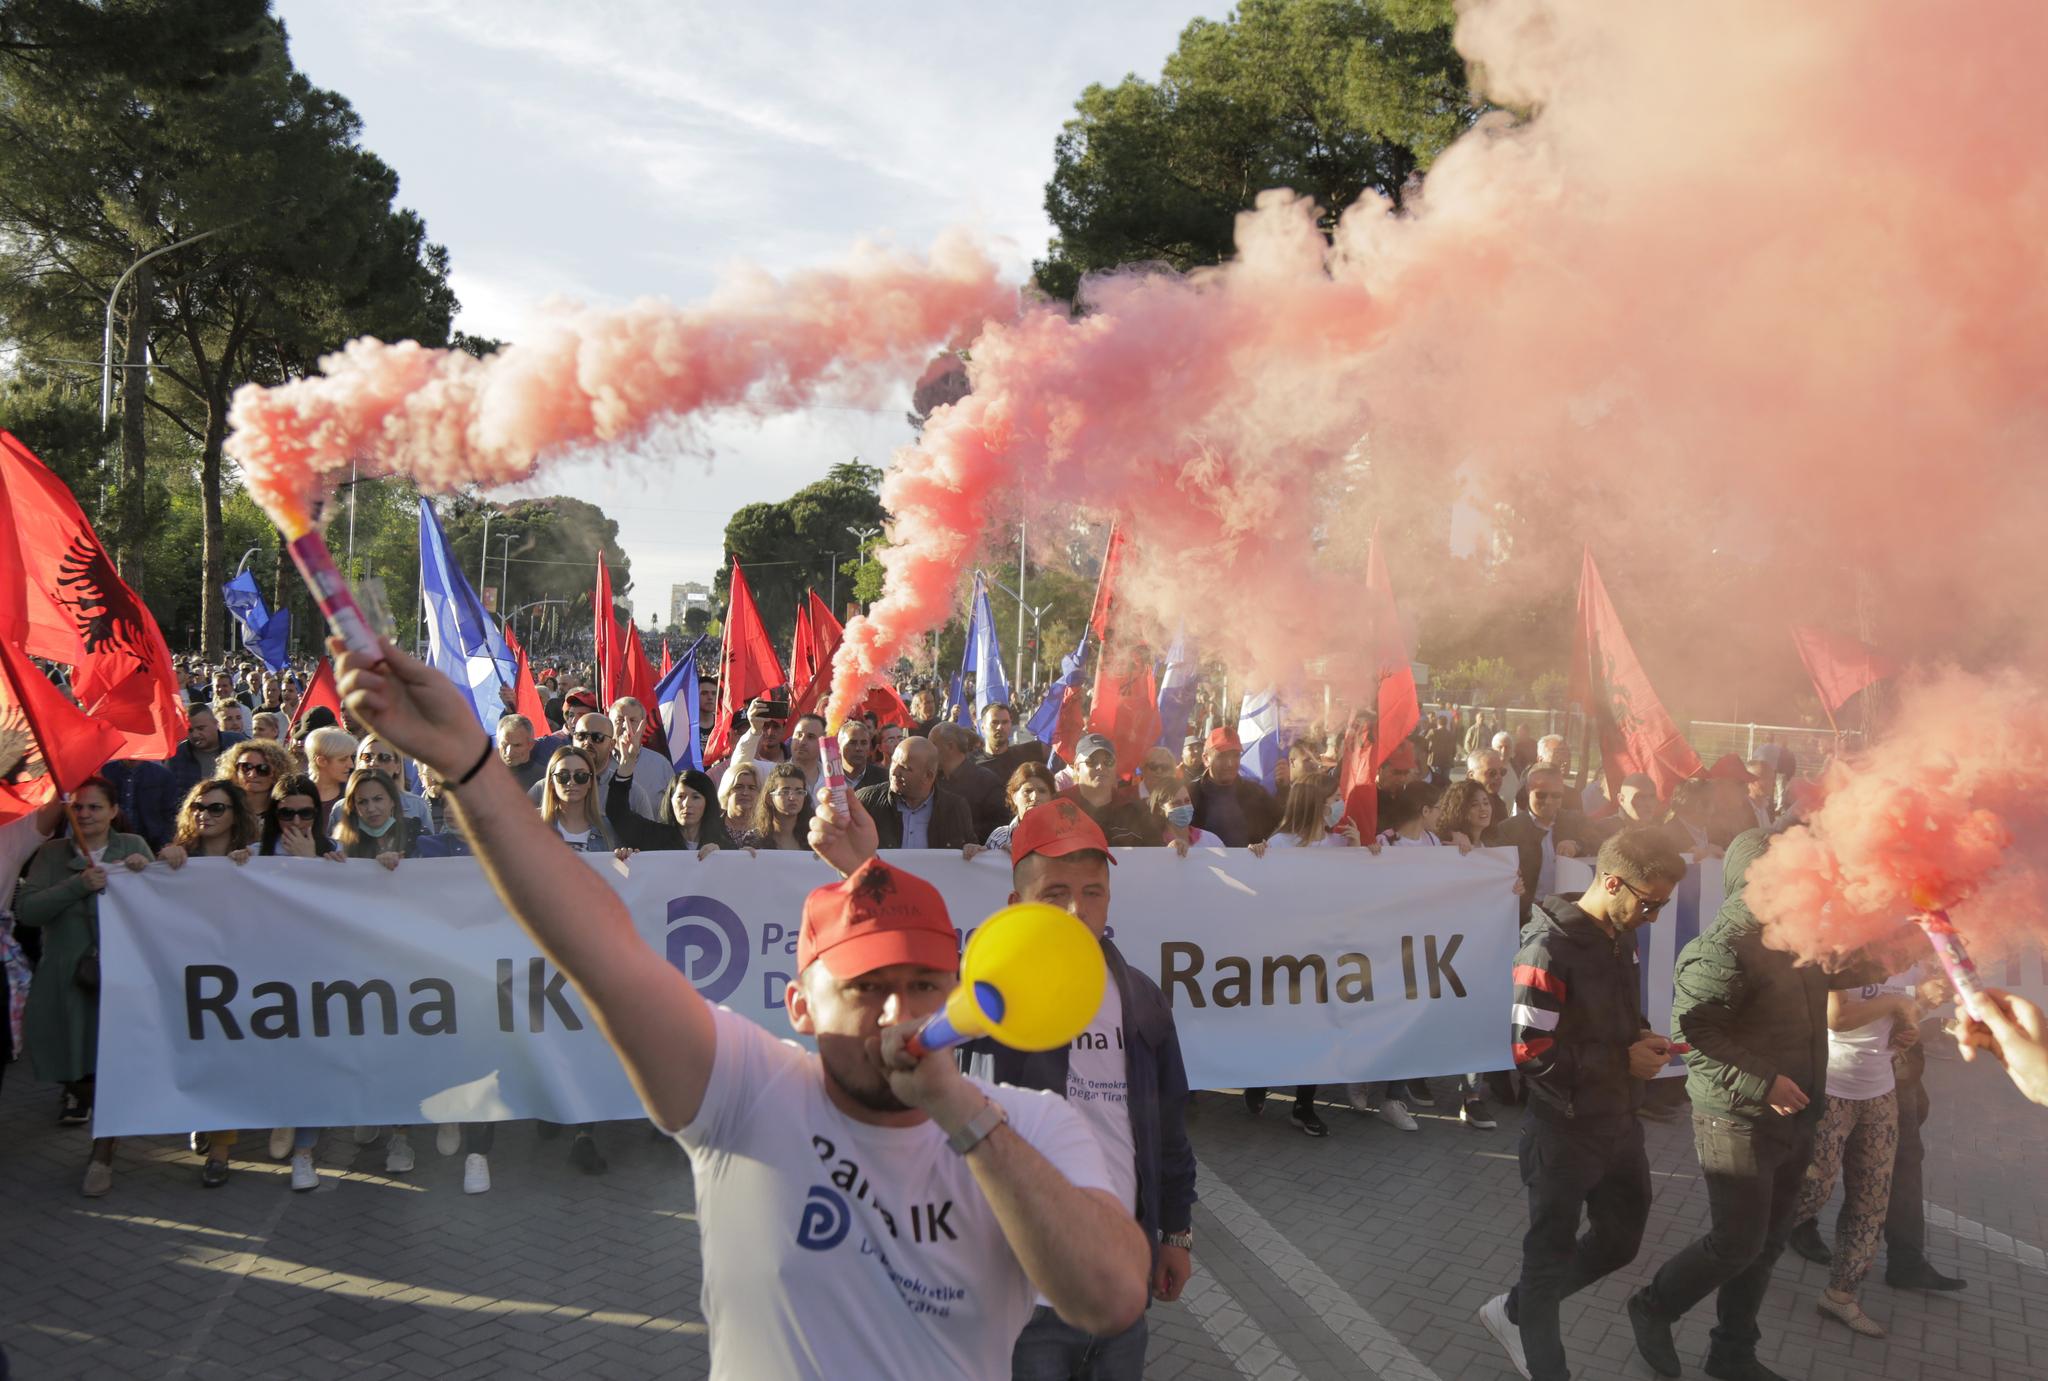 라마 정권 퇴진을 주장하는 반정부 시위대들이 티라나 거리 행진을 하고 있다. [EPA=연합뉴스]